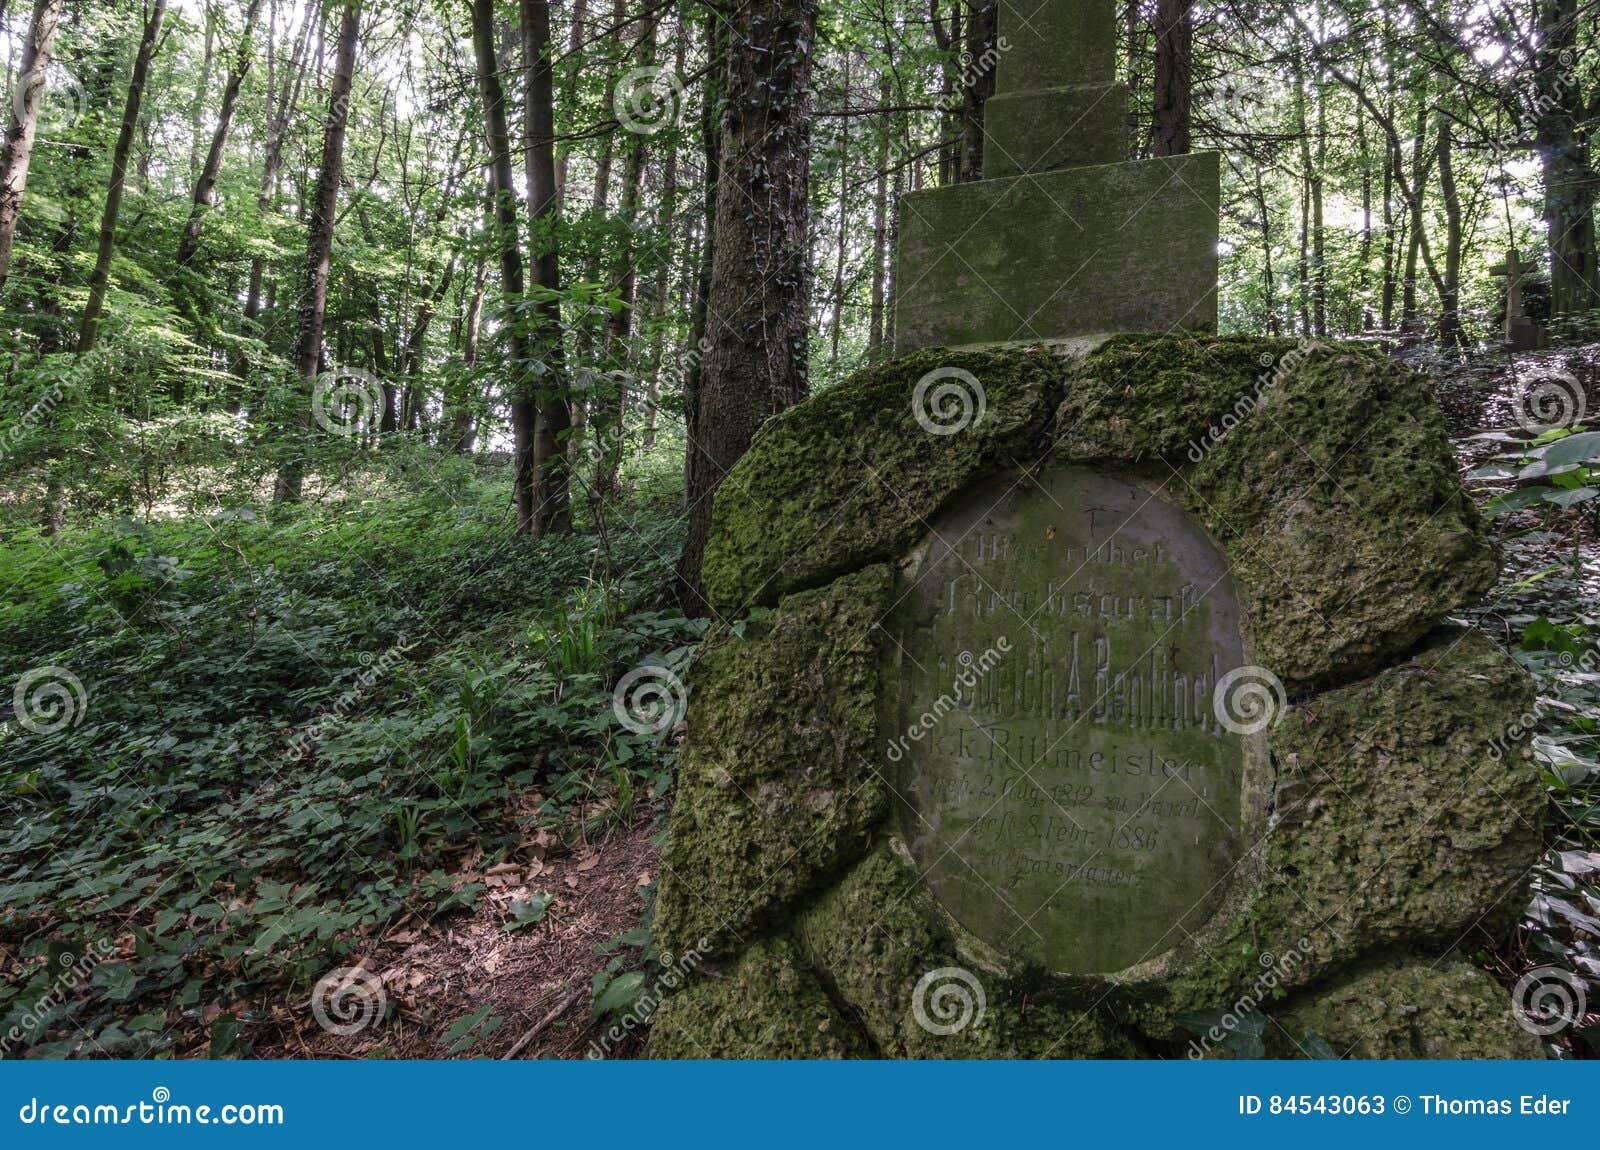 Graf met scripture in bos